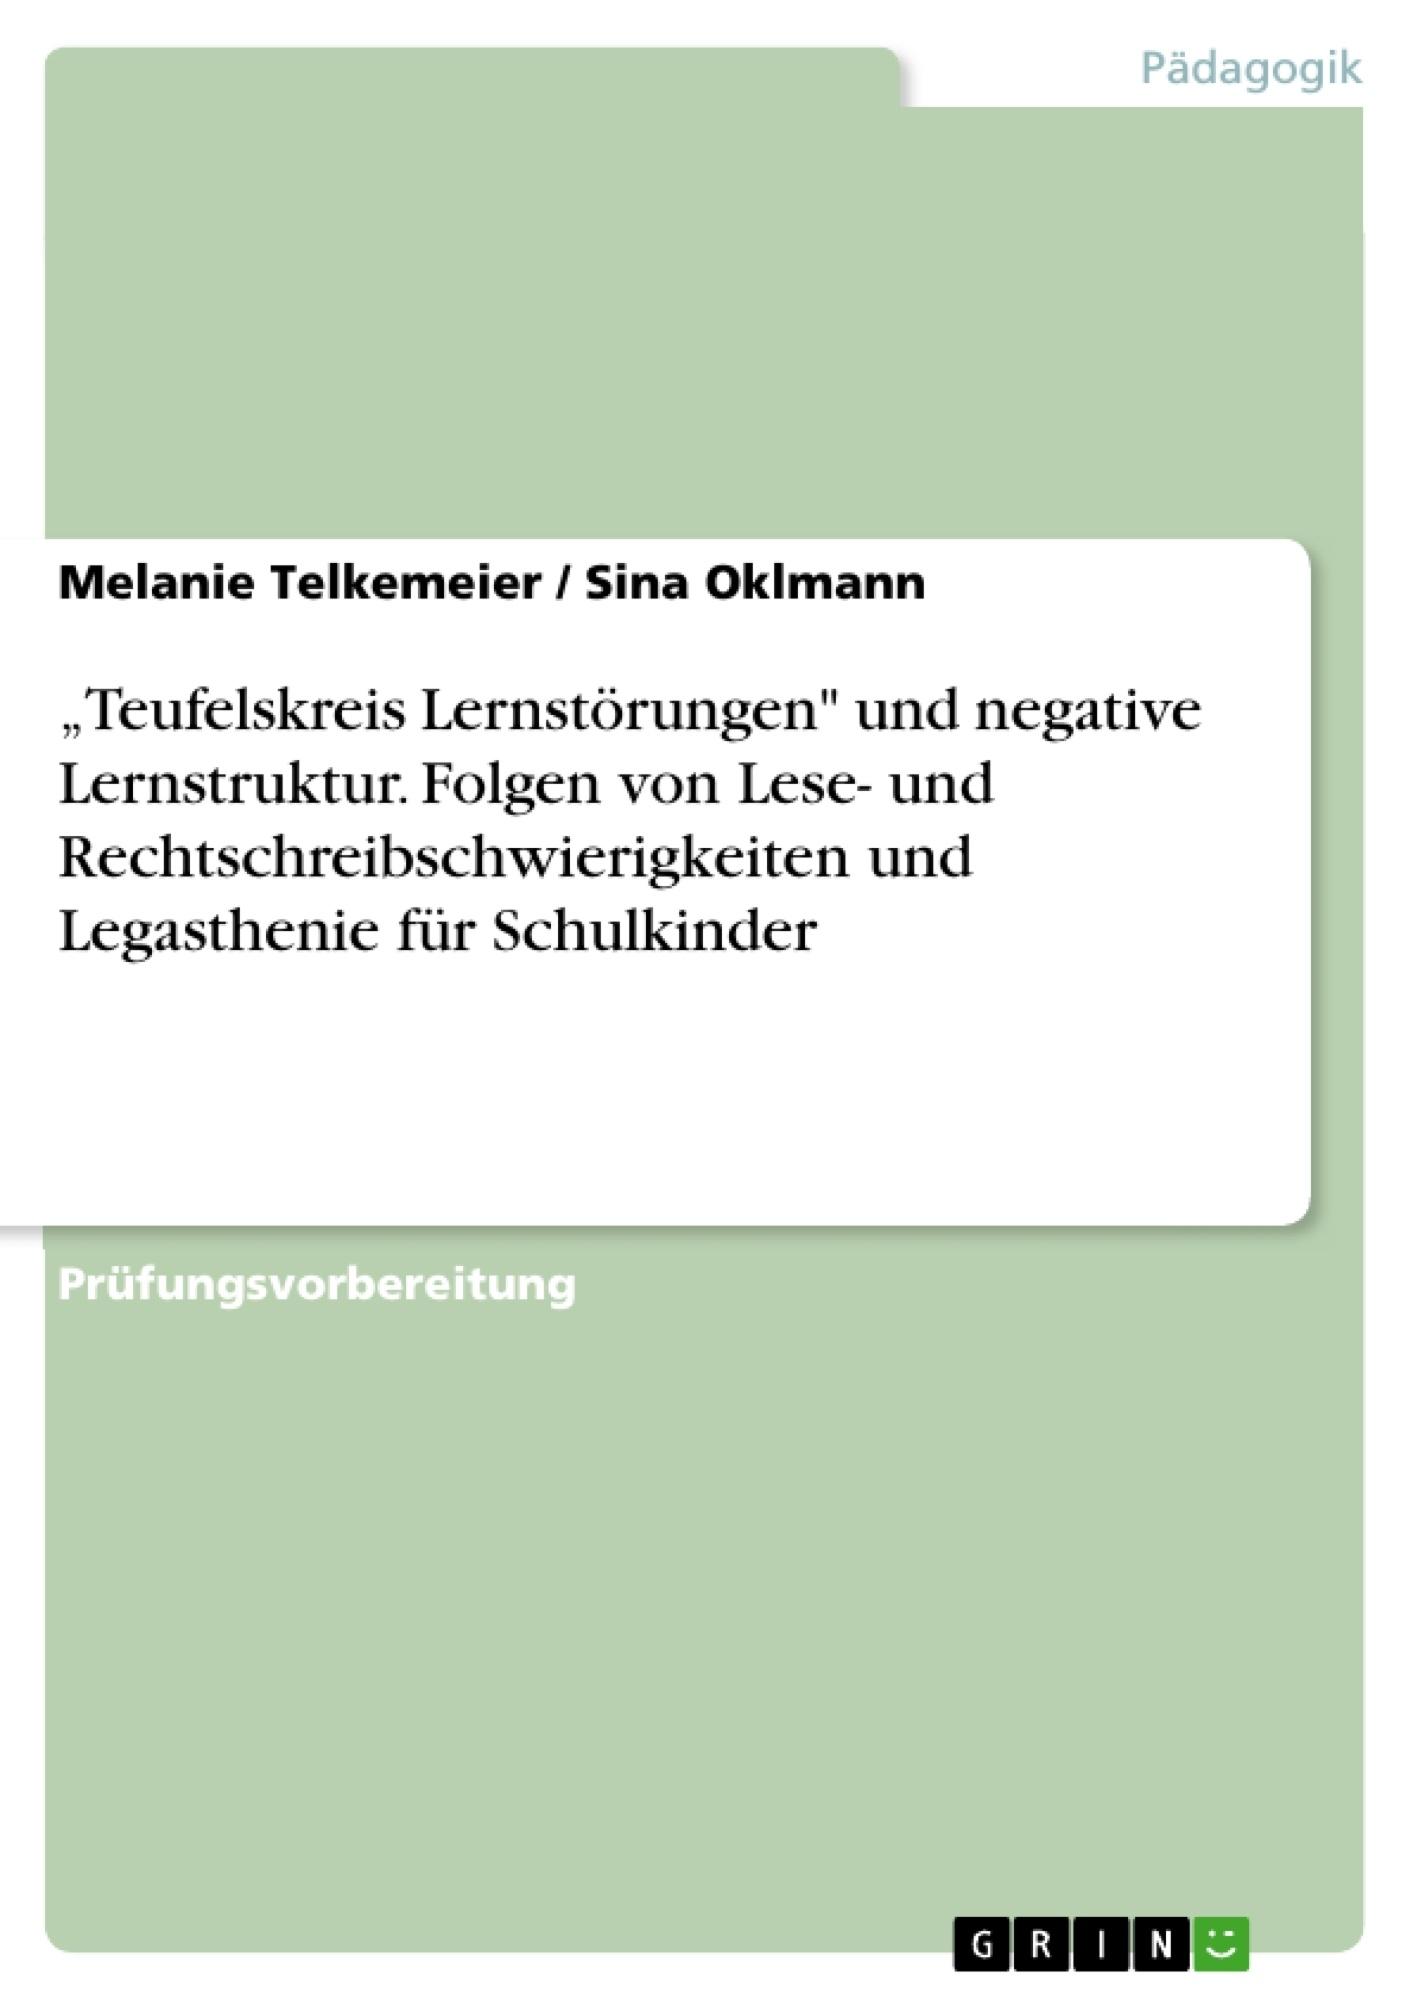 """Titel: """"Teufelskreis Lernstörungen"""" und negative Lernstruktur. Folgen von Lese- und Rechtschreibschwierigkeiten und Legasthenie für Schulkinder"""